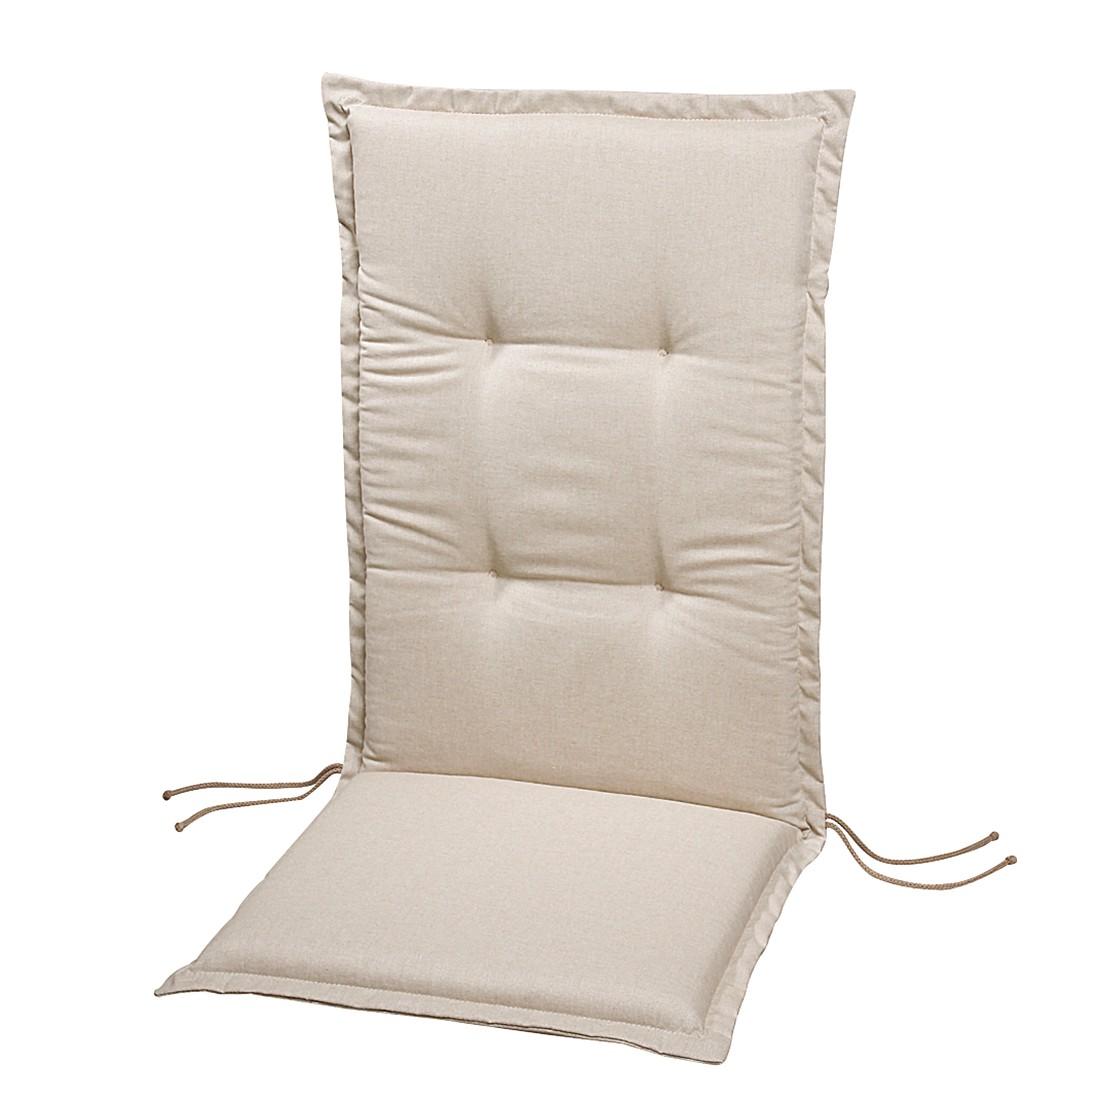 Polsterauflage Lorelai - Beige - Deck-Chair - 144 x 50 cm, Best Freizeitmöbel